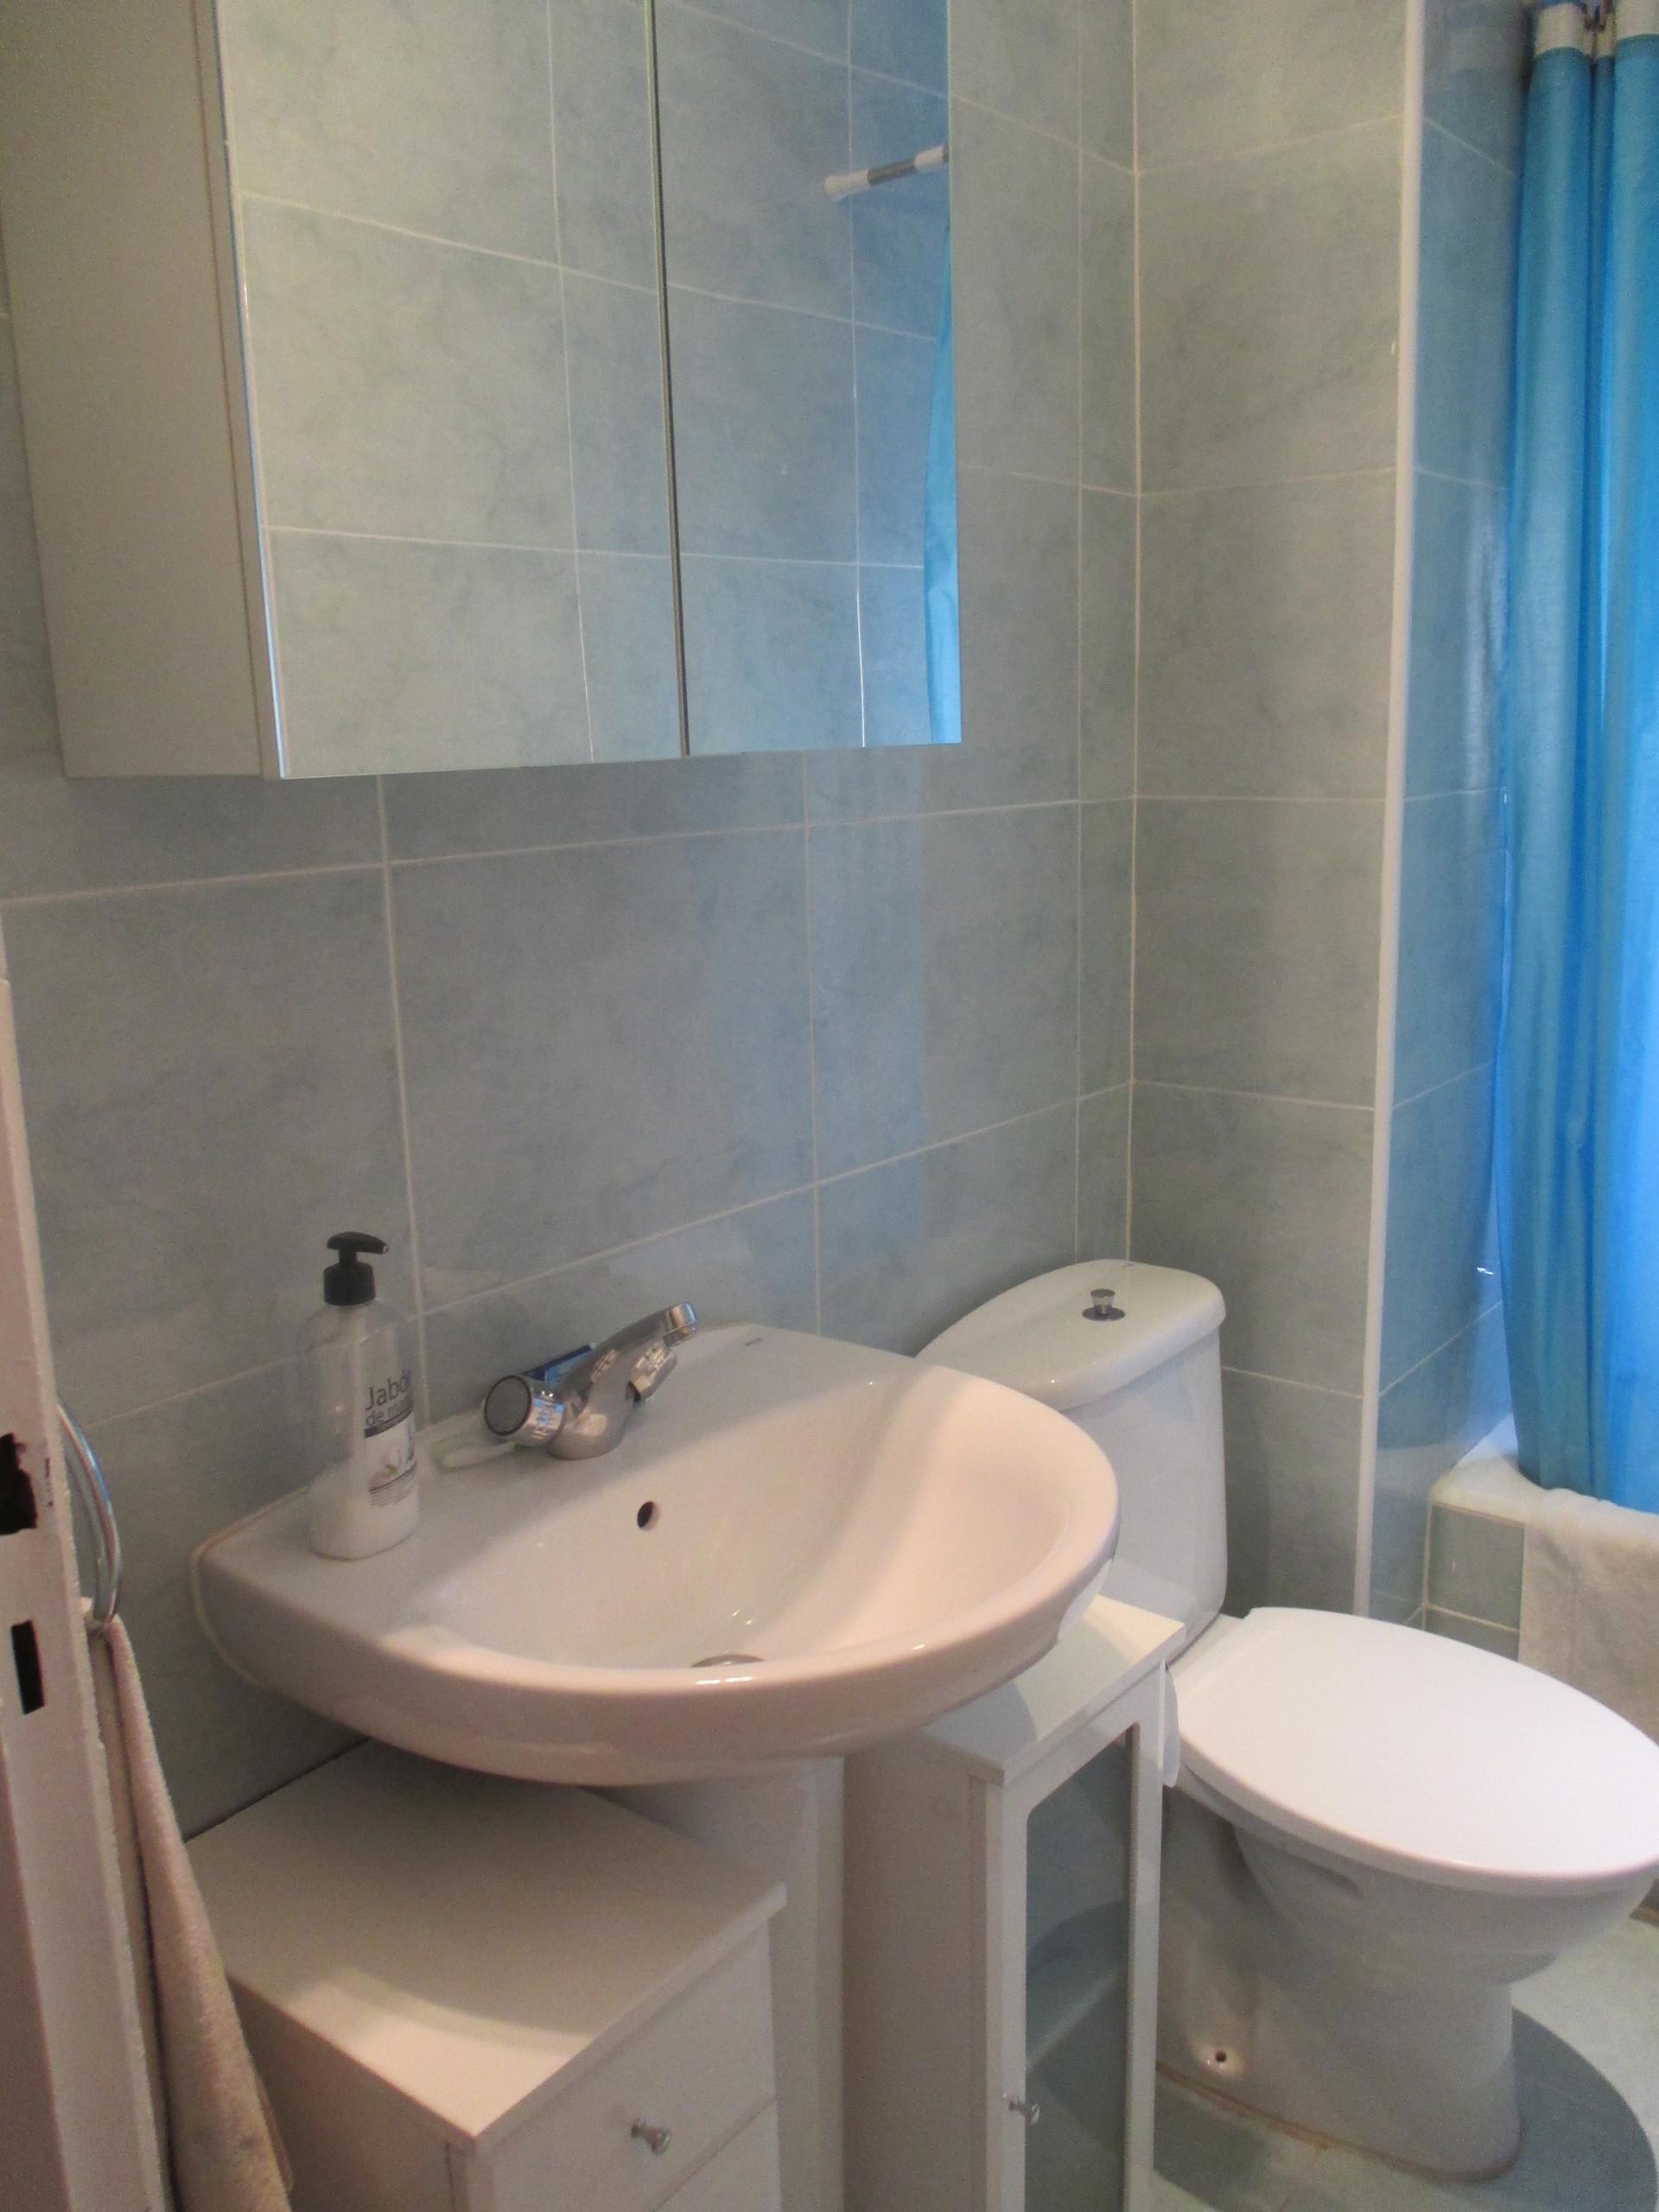 Piso barato en madrid chica limpia y tranquila alquiler habitaciones madrid - Piso barato madrid ...